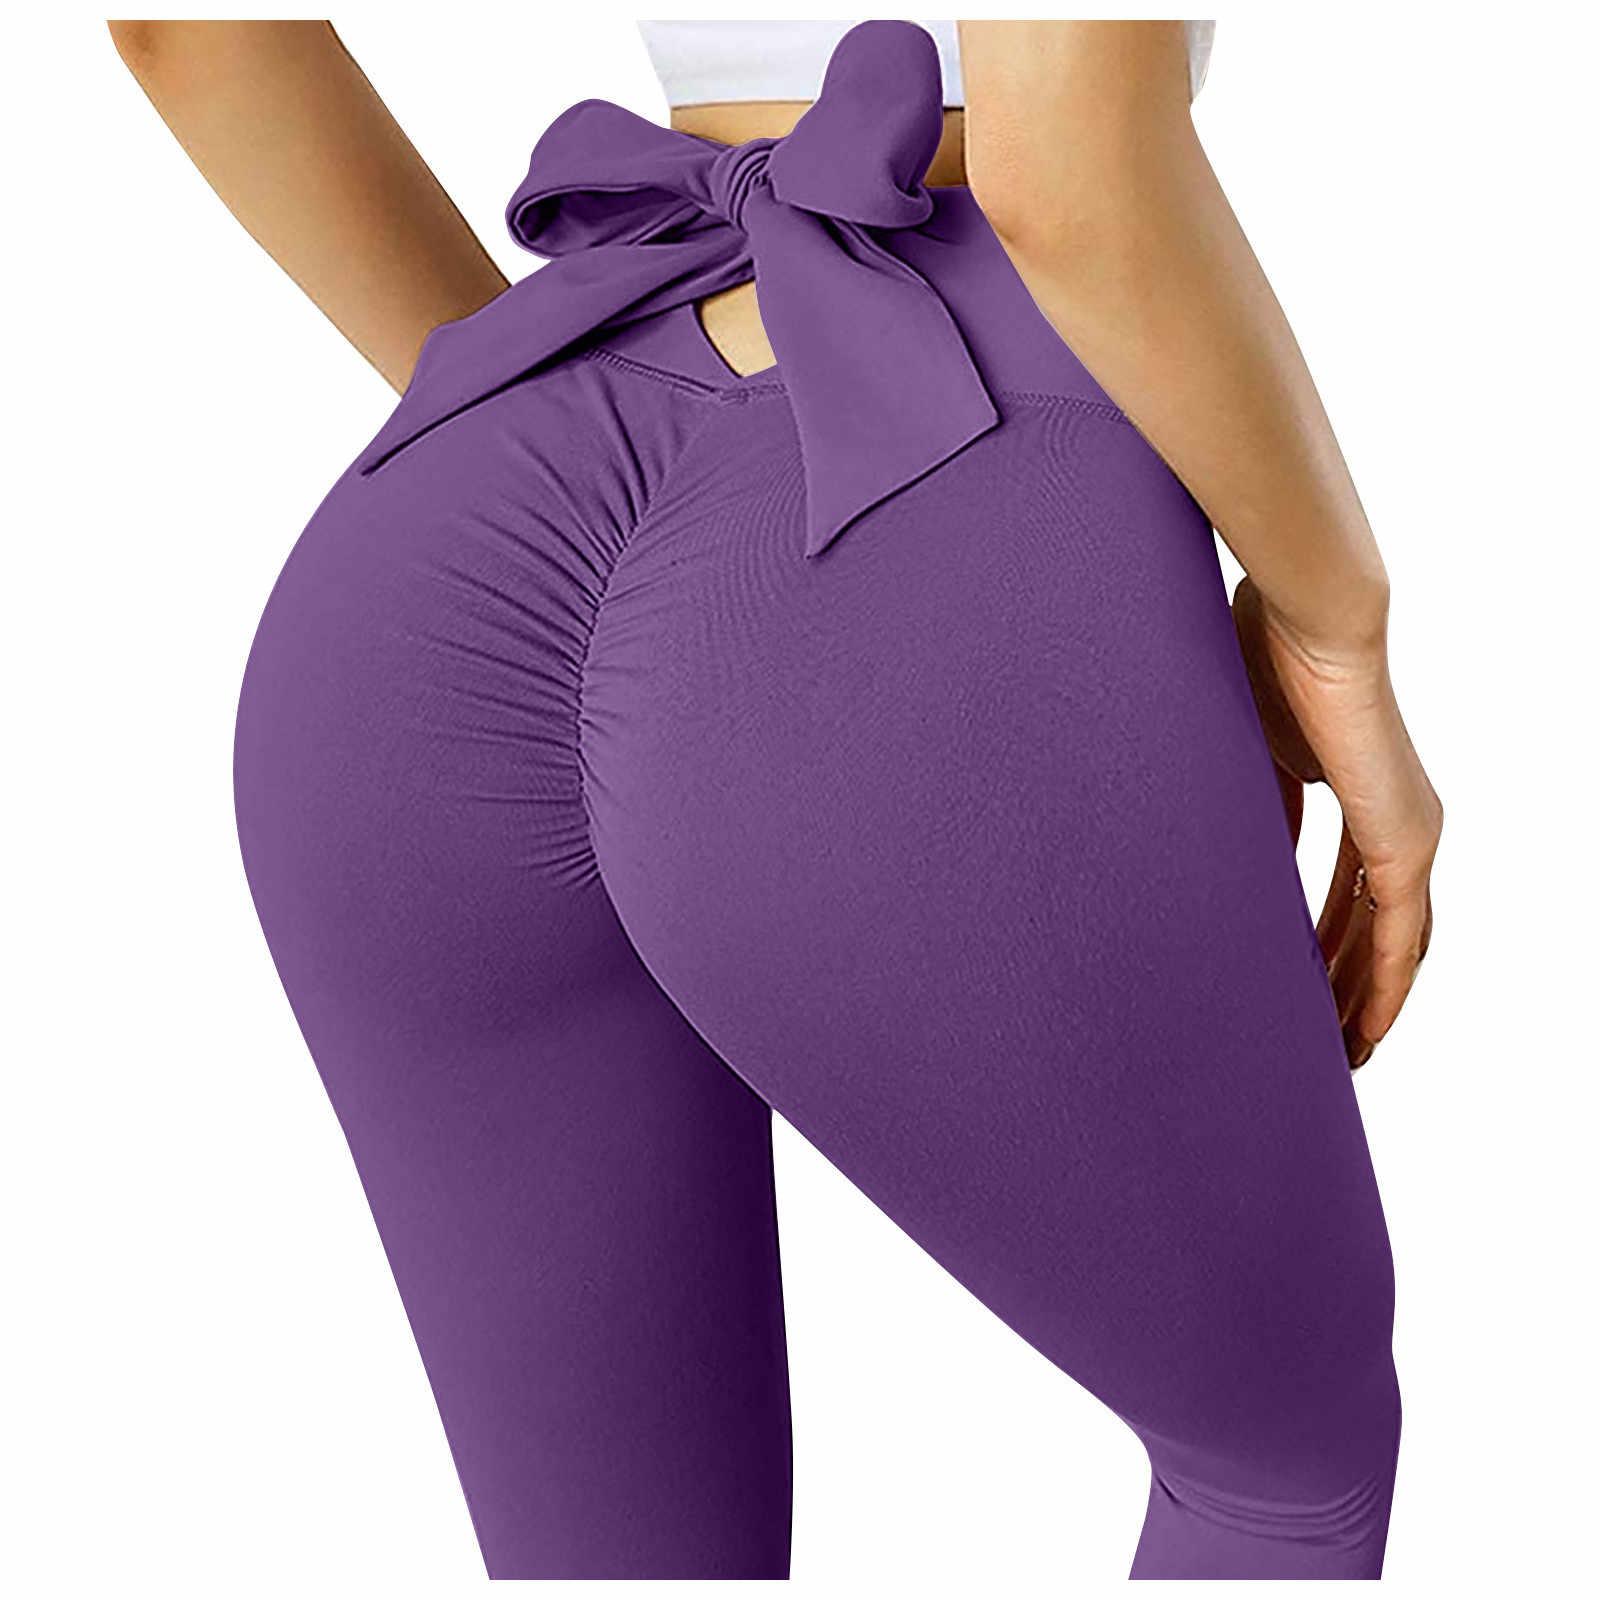 Coloré Imprimé Leggings Taille Unique Pantalon Femmes Business Pealu Hexagon